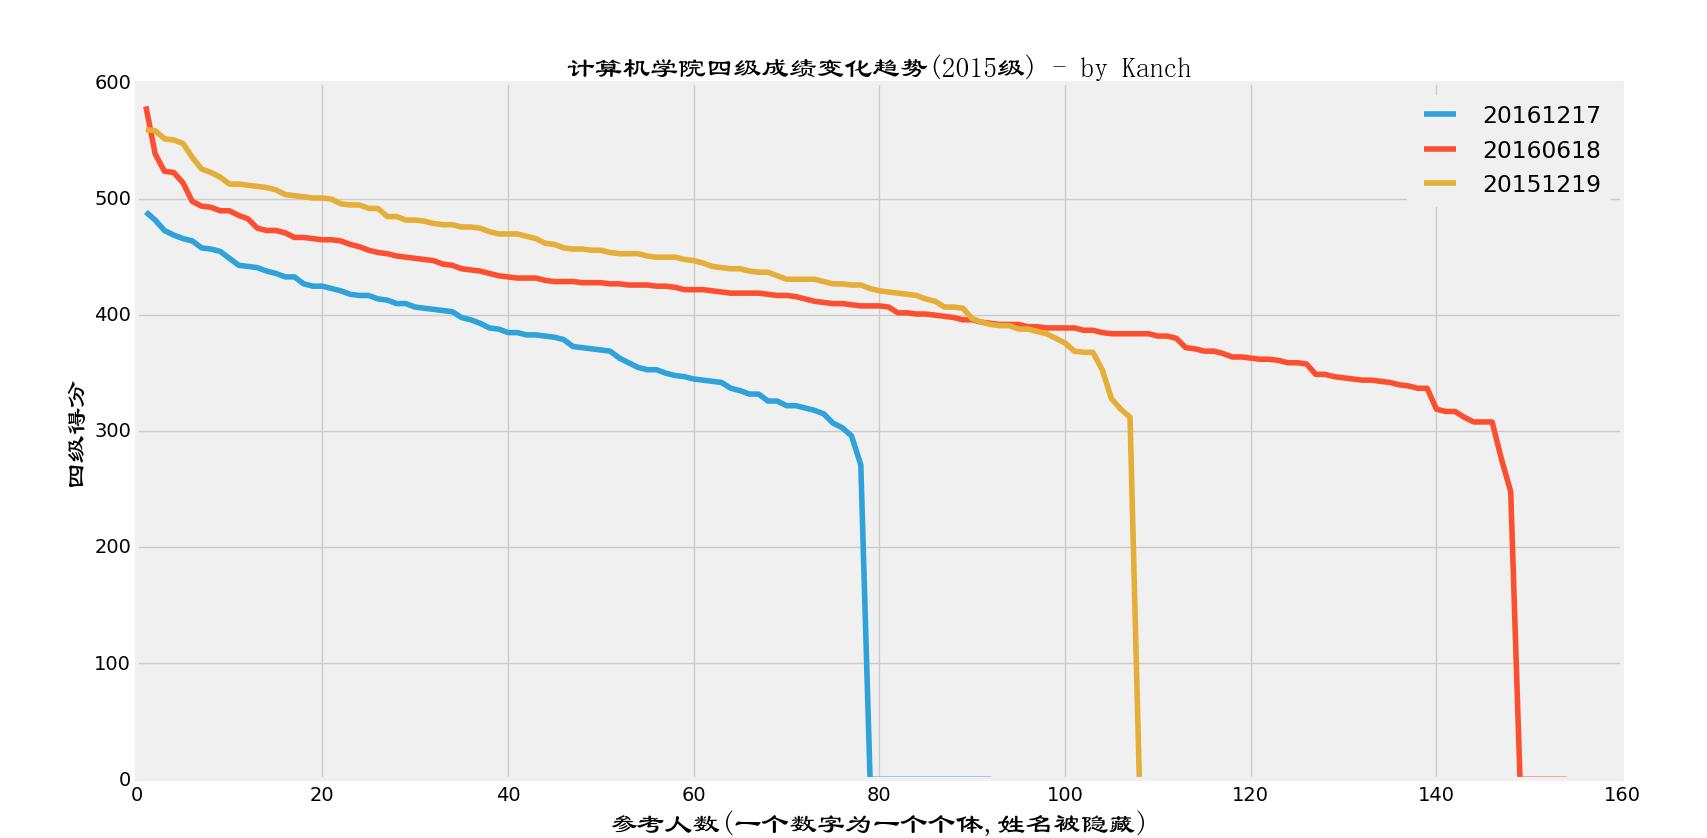 2015级3次四级成绩变化图